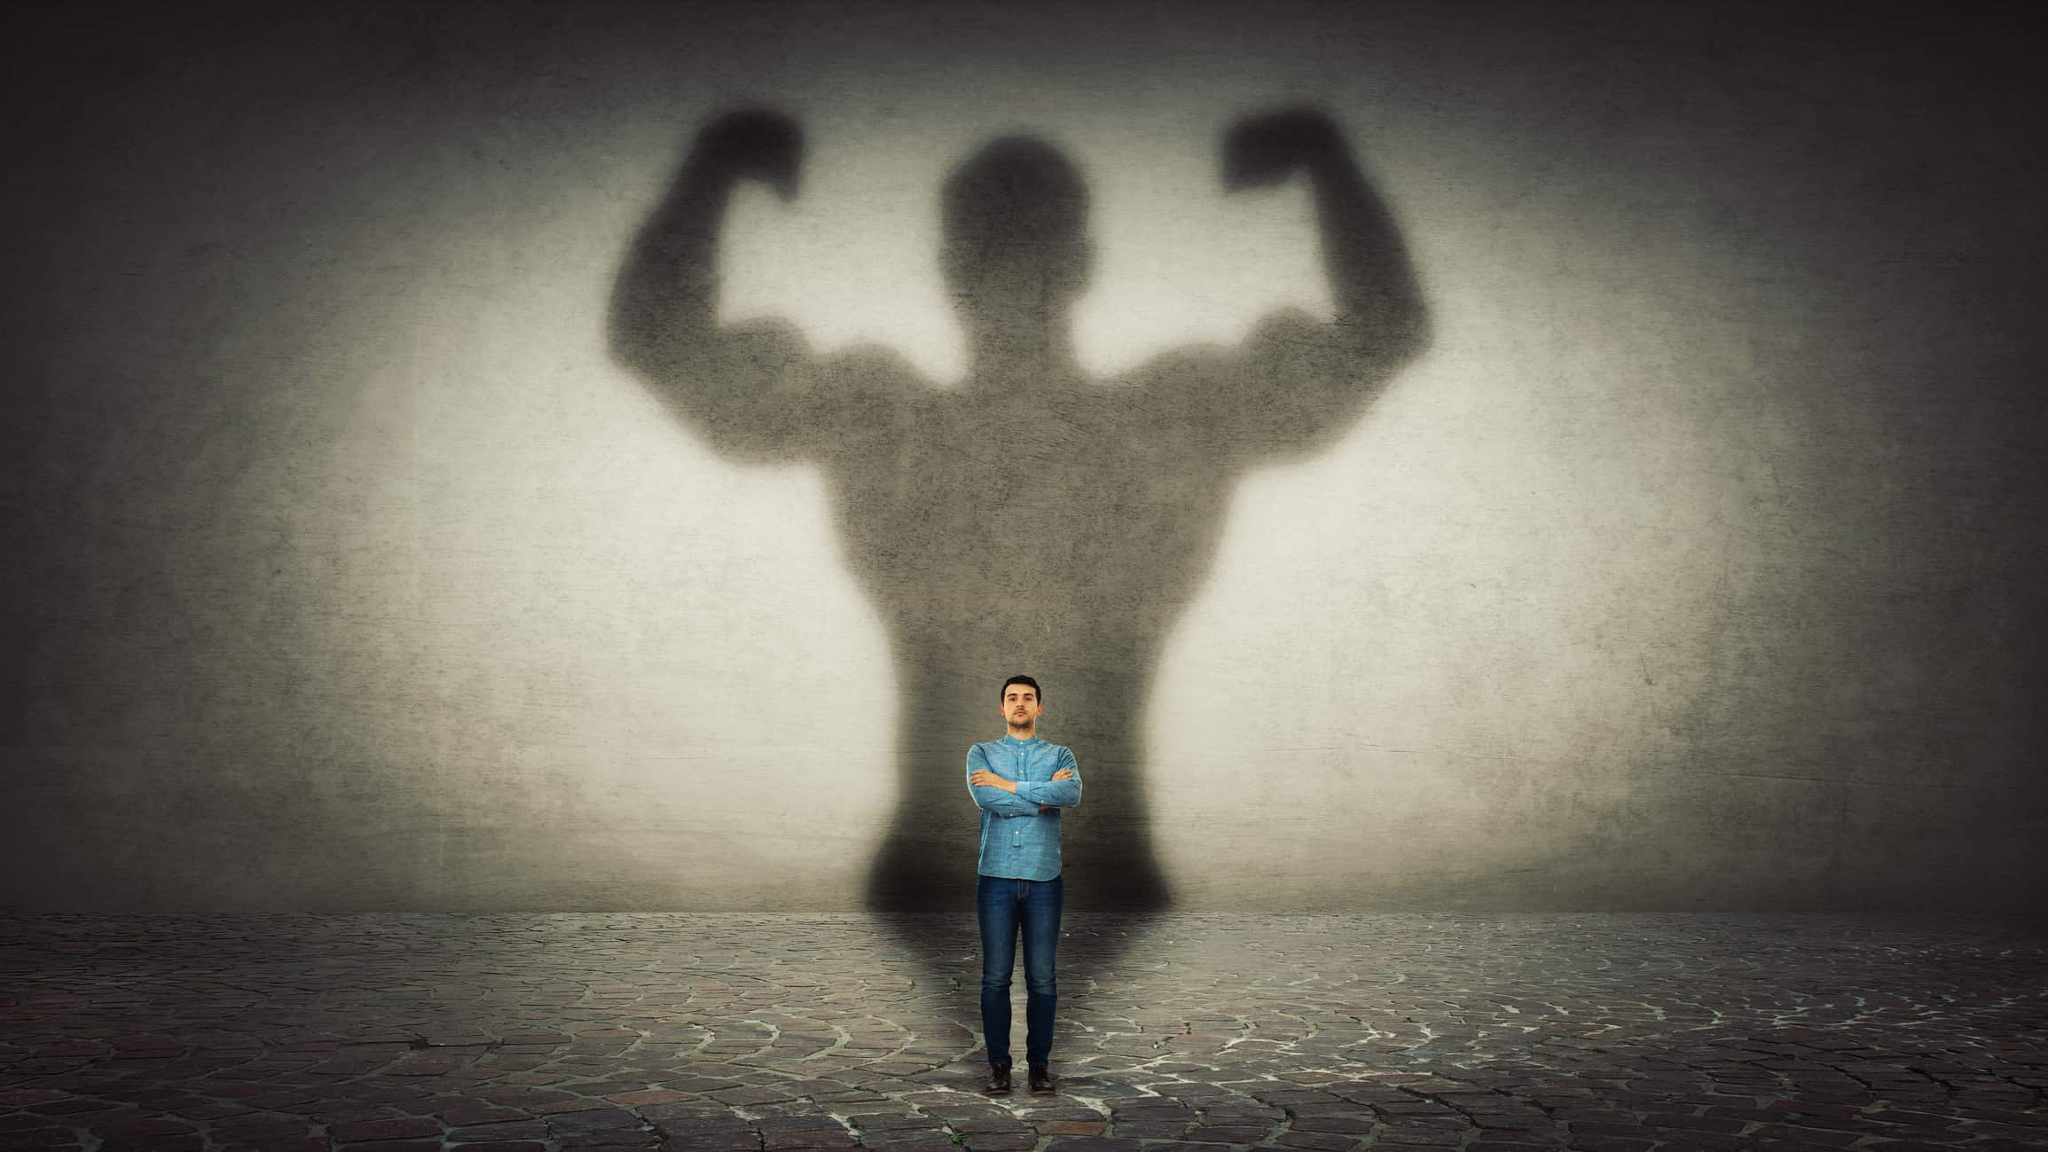 В чем секрет сильной личности?